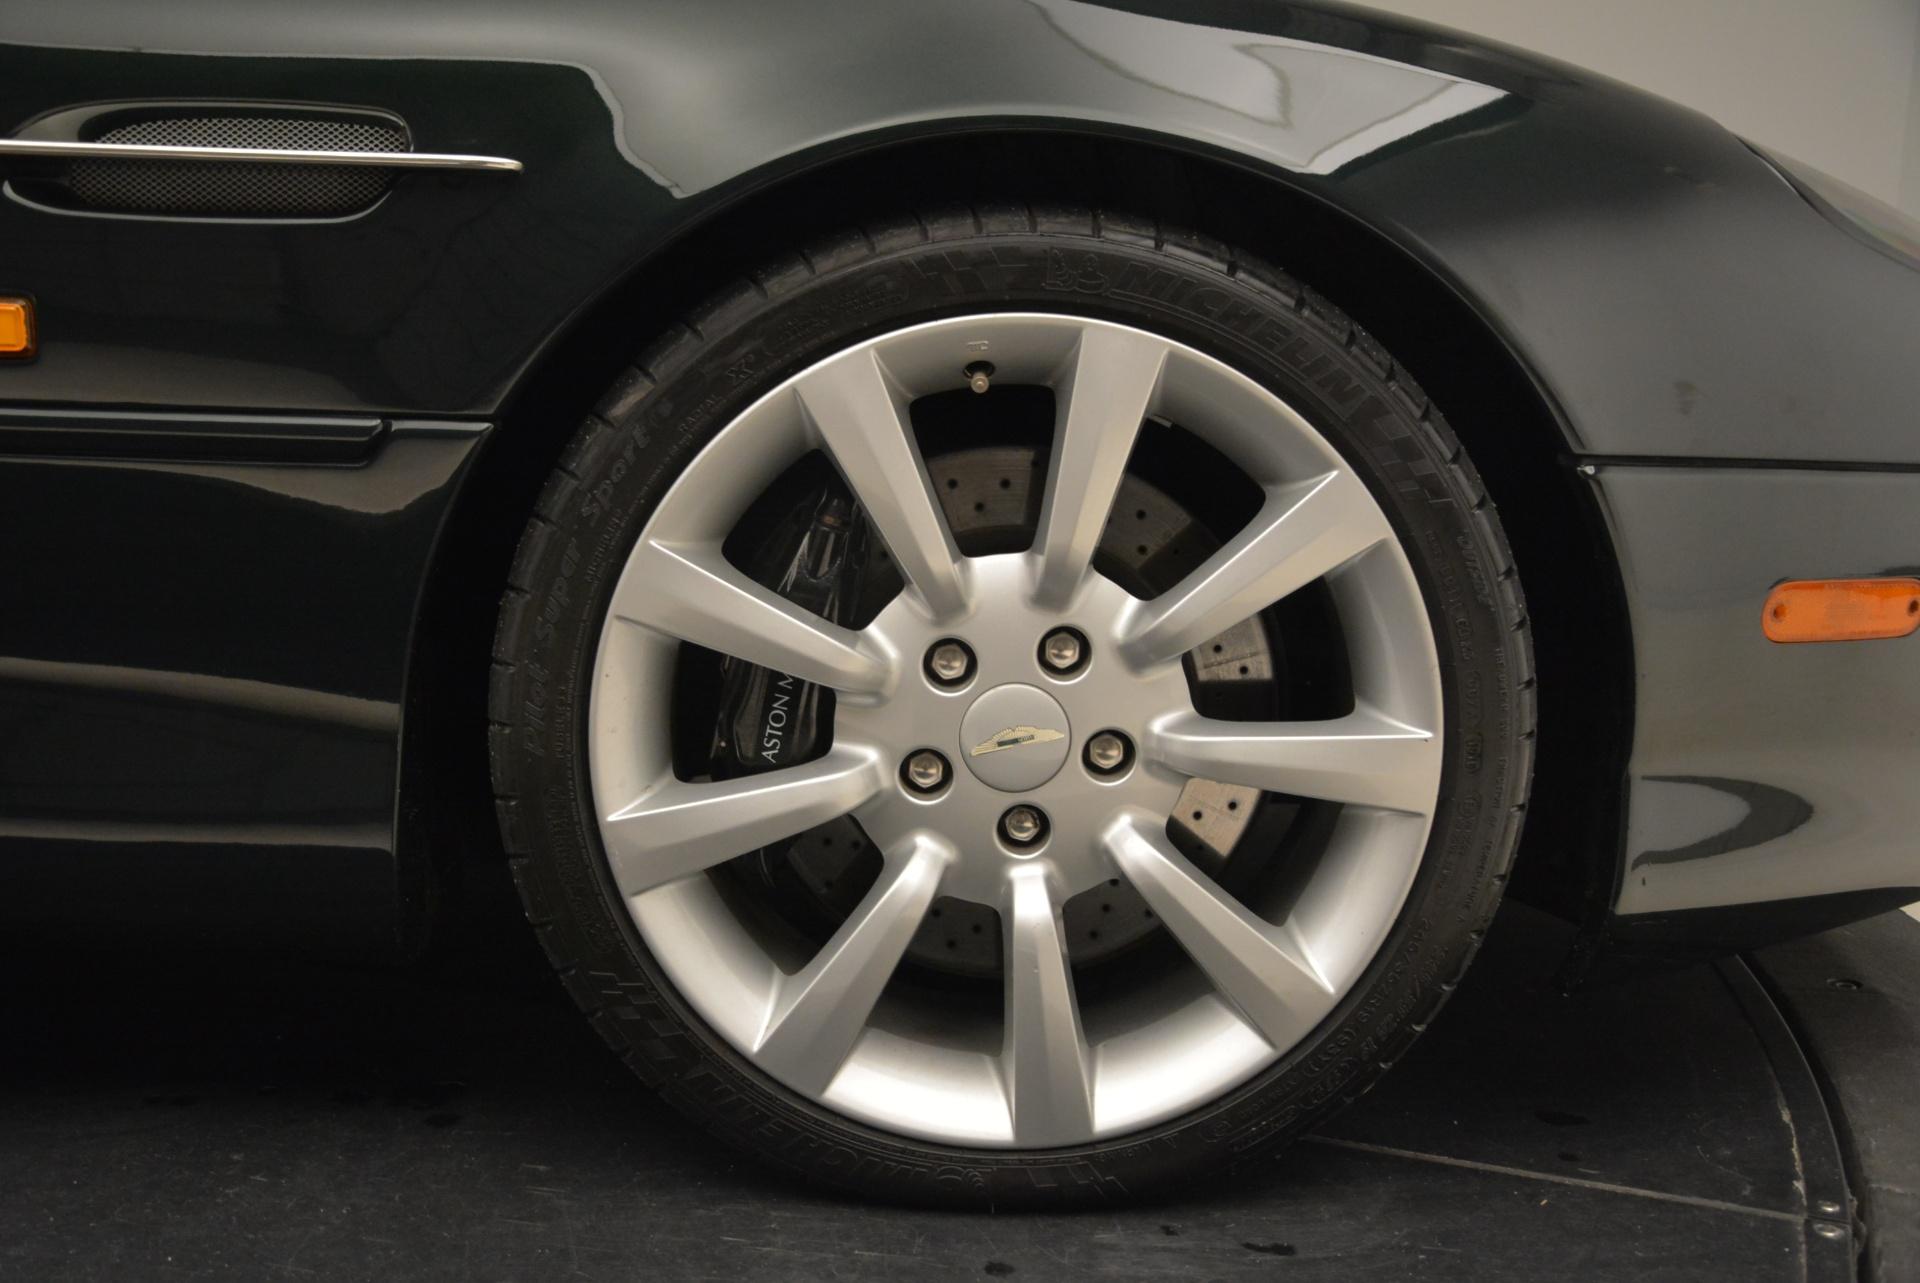 Used 2003 Aston Martin DB7 Vantage Volante For Sale In Greenwich, CT 2084_p32